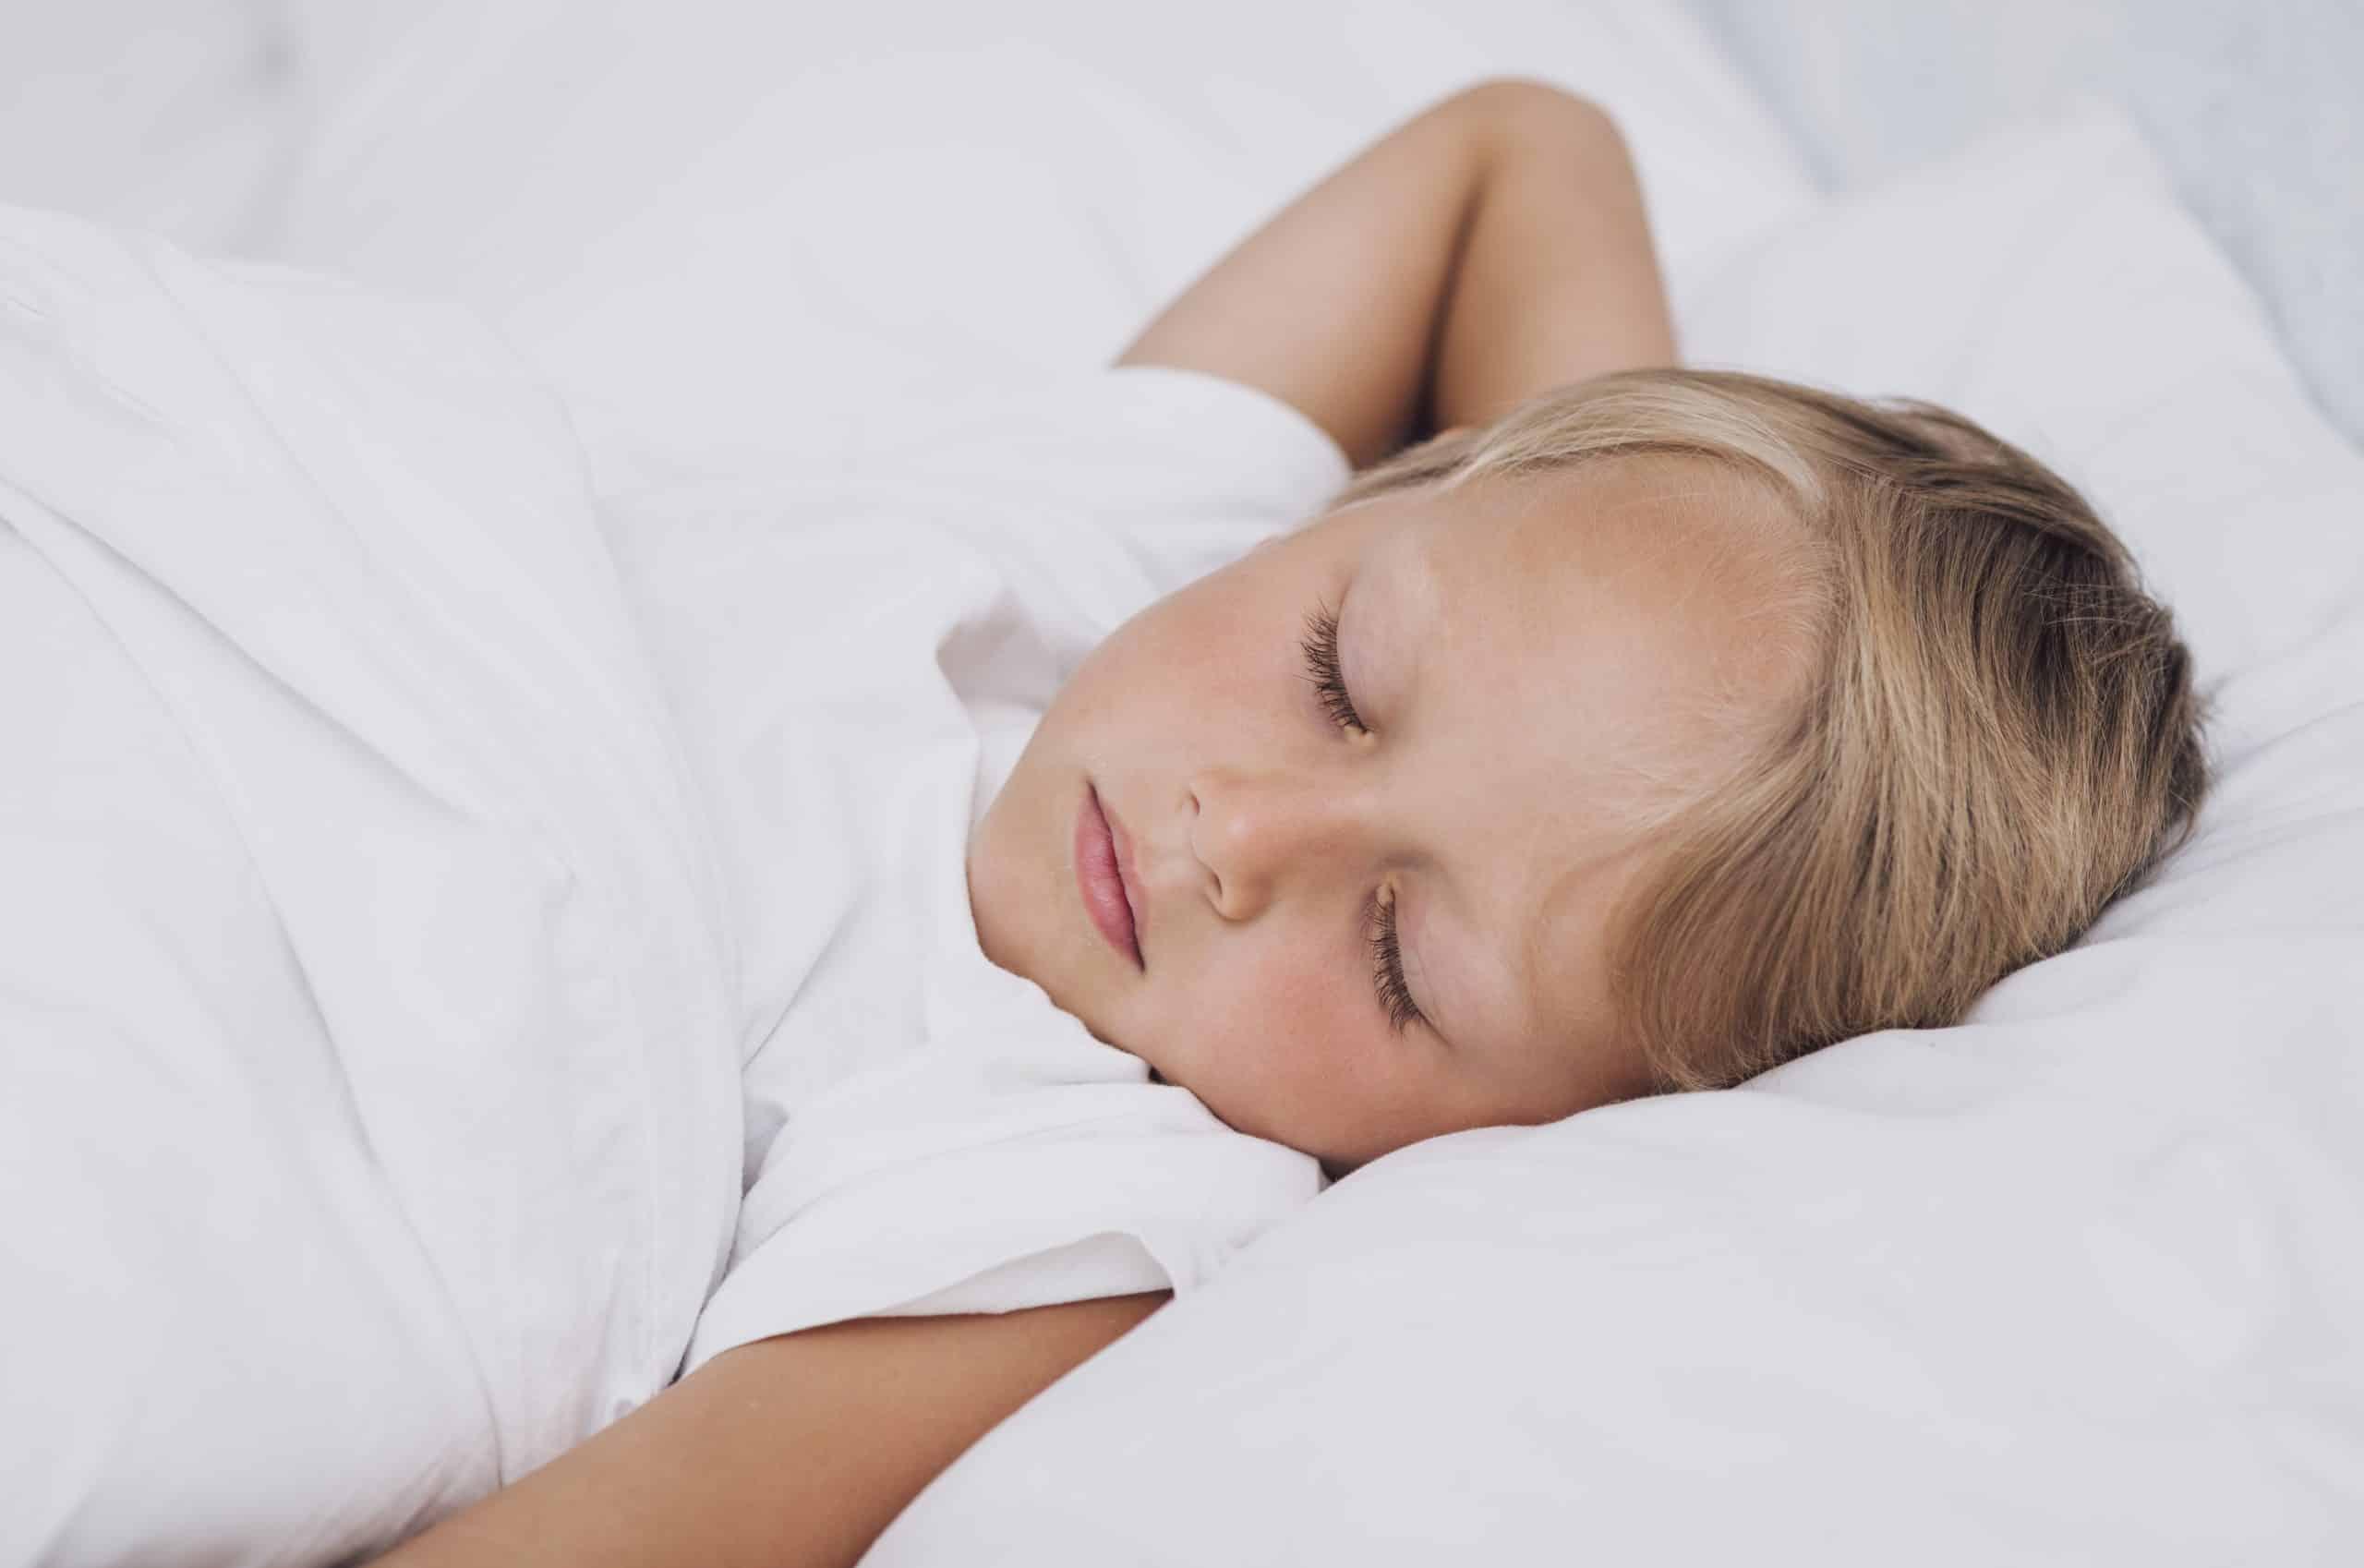 Quando a soneca atrapalha